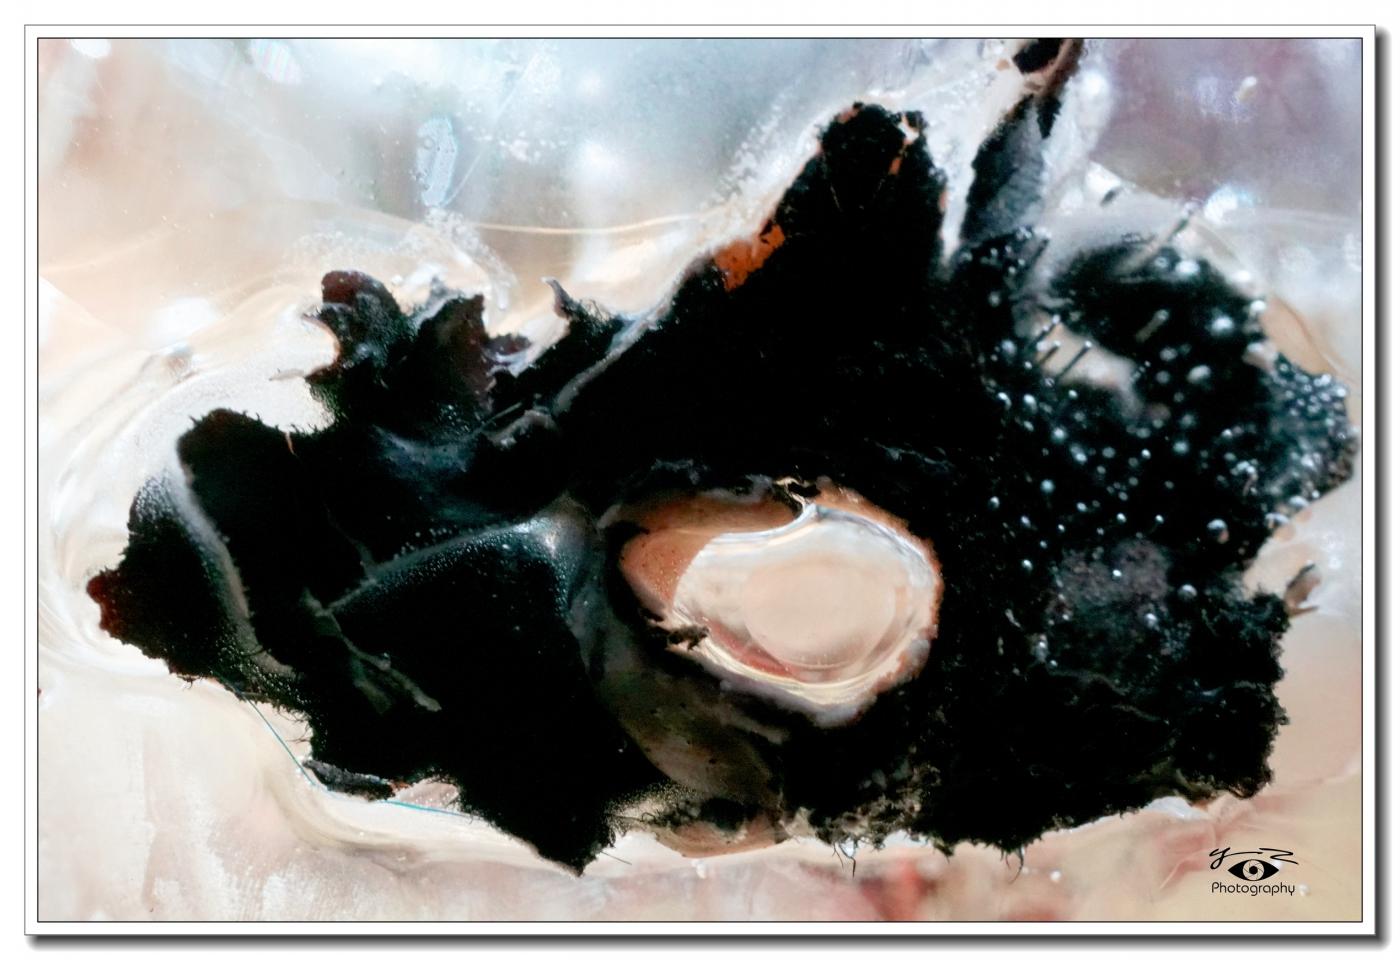 【相机人生】抽象冰画(494)_图1-11